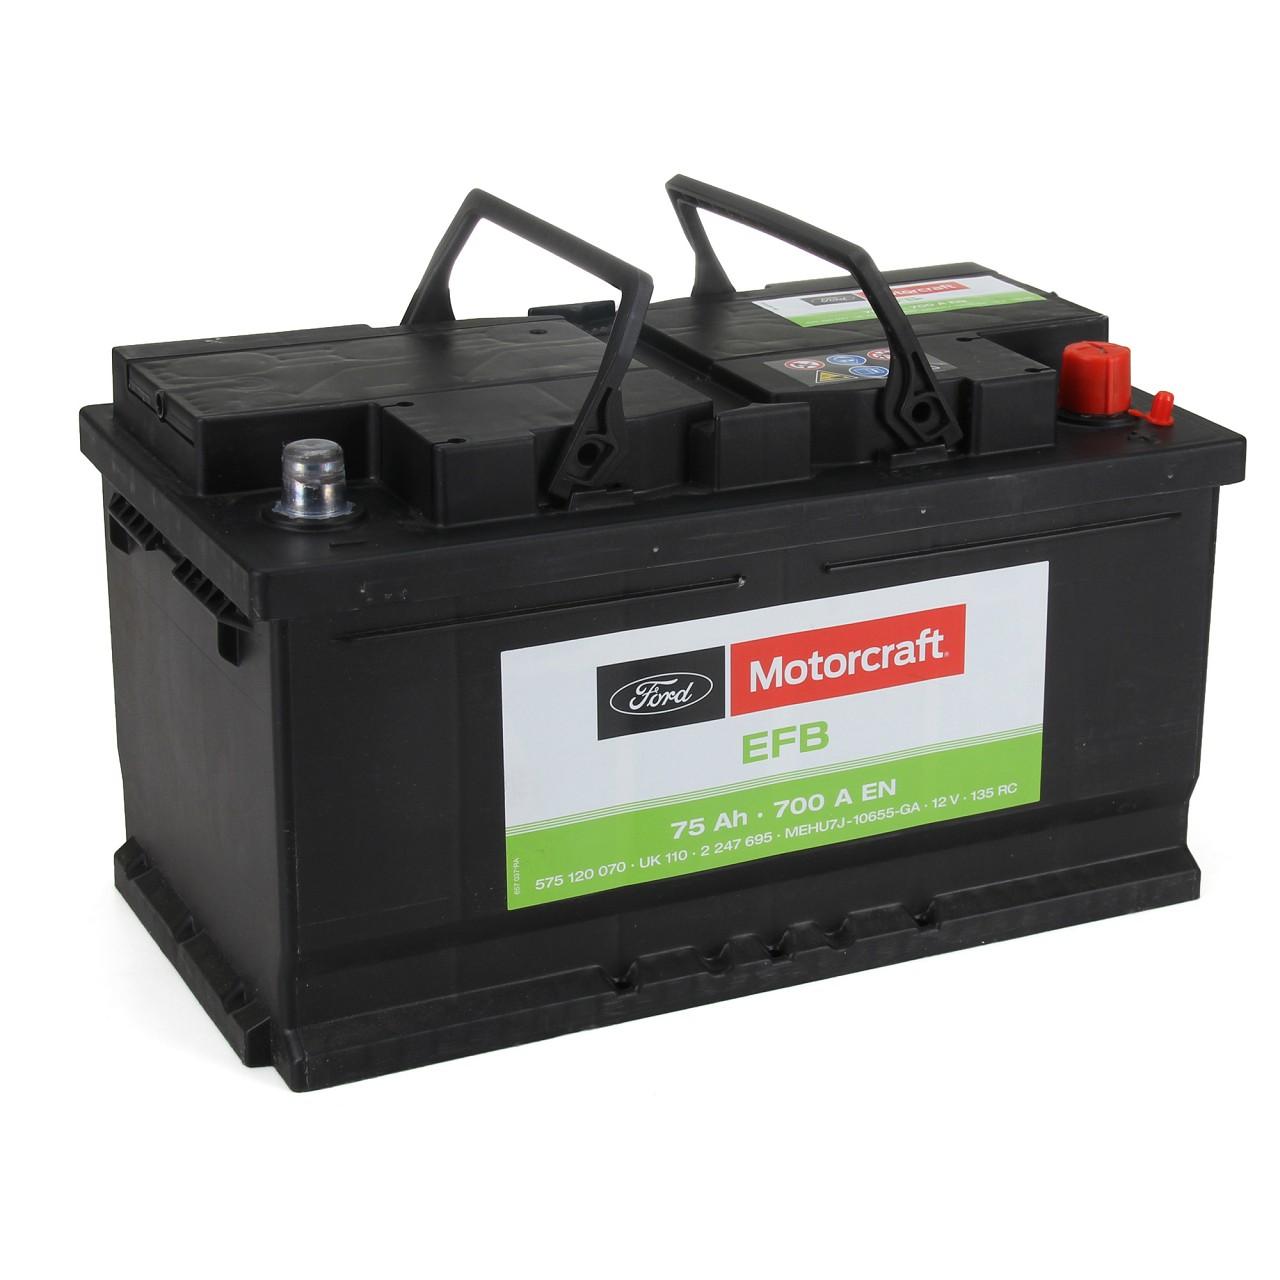 ORIGINAL Ford Autobatterie Batterie Starterbatterie EFB 12V 75Ah 700A 2247695